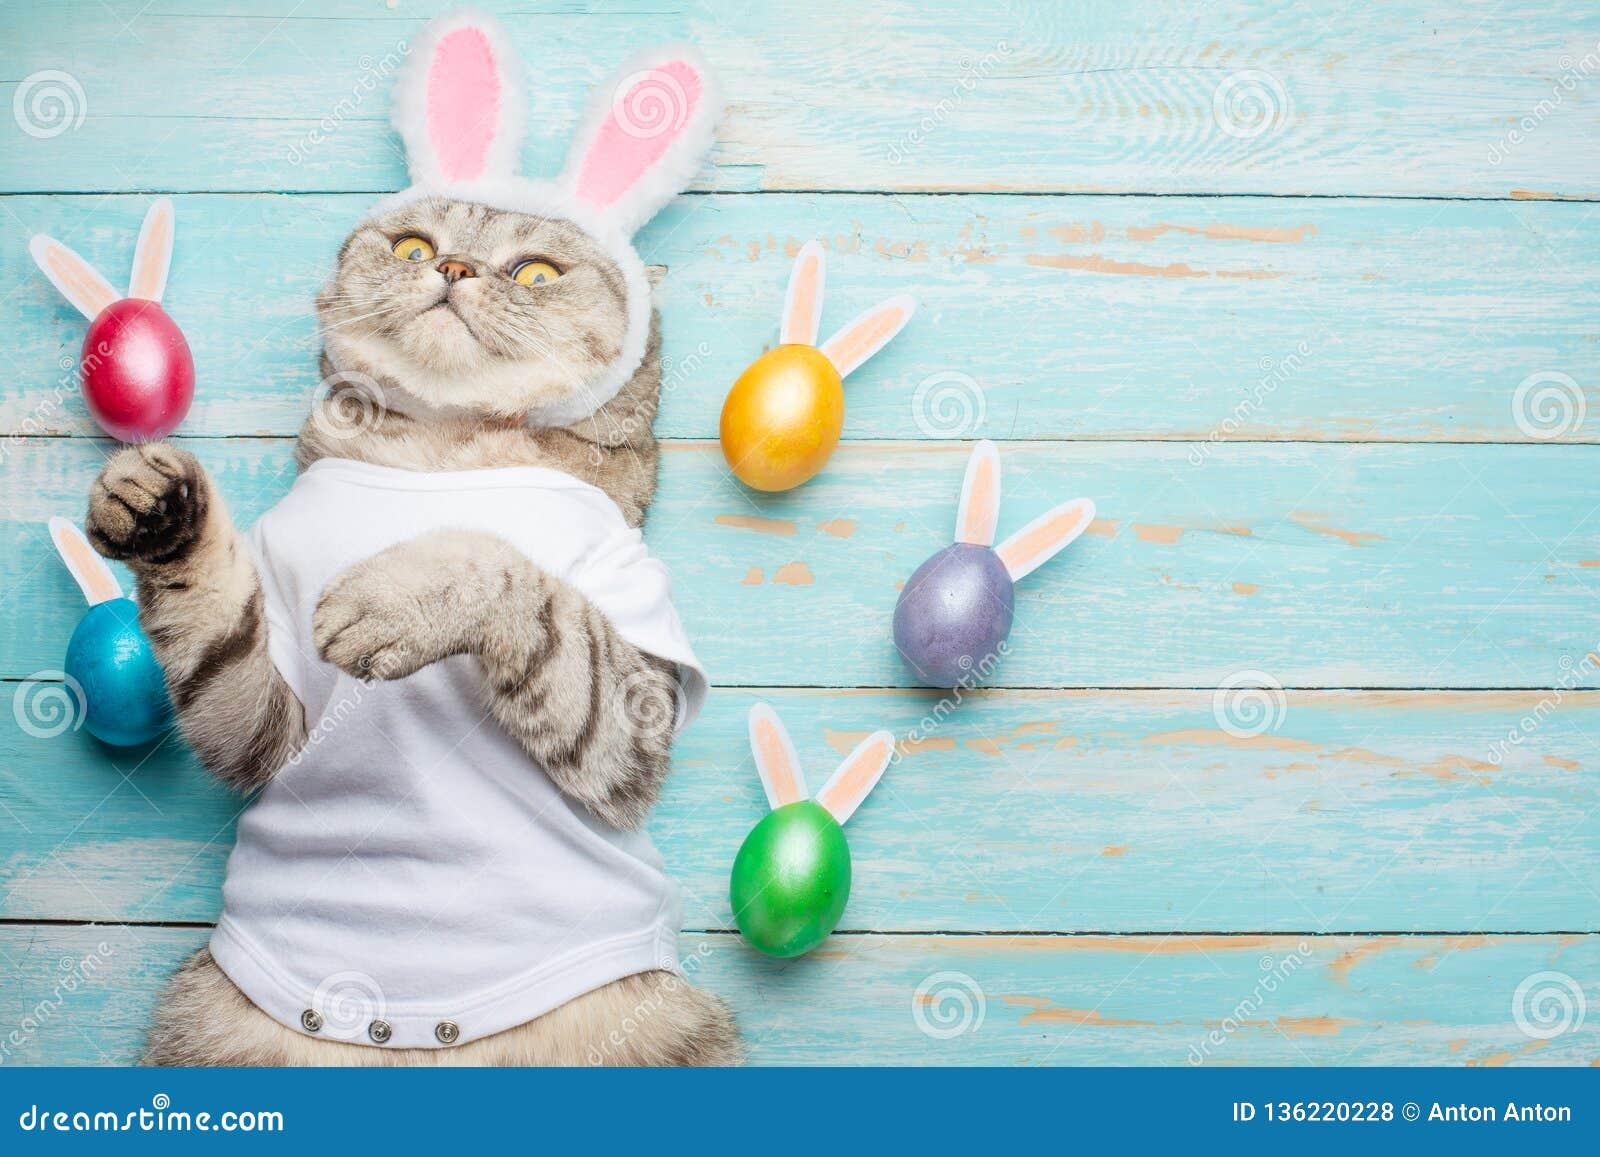 Osterhase, Katze mit den Häschenohren und Ostern färbten mit Eiern und den Ohren Ostern und Feiertag